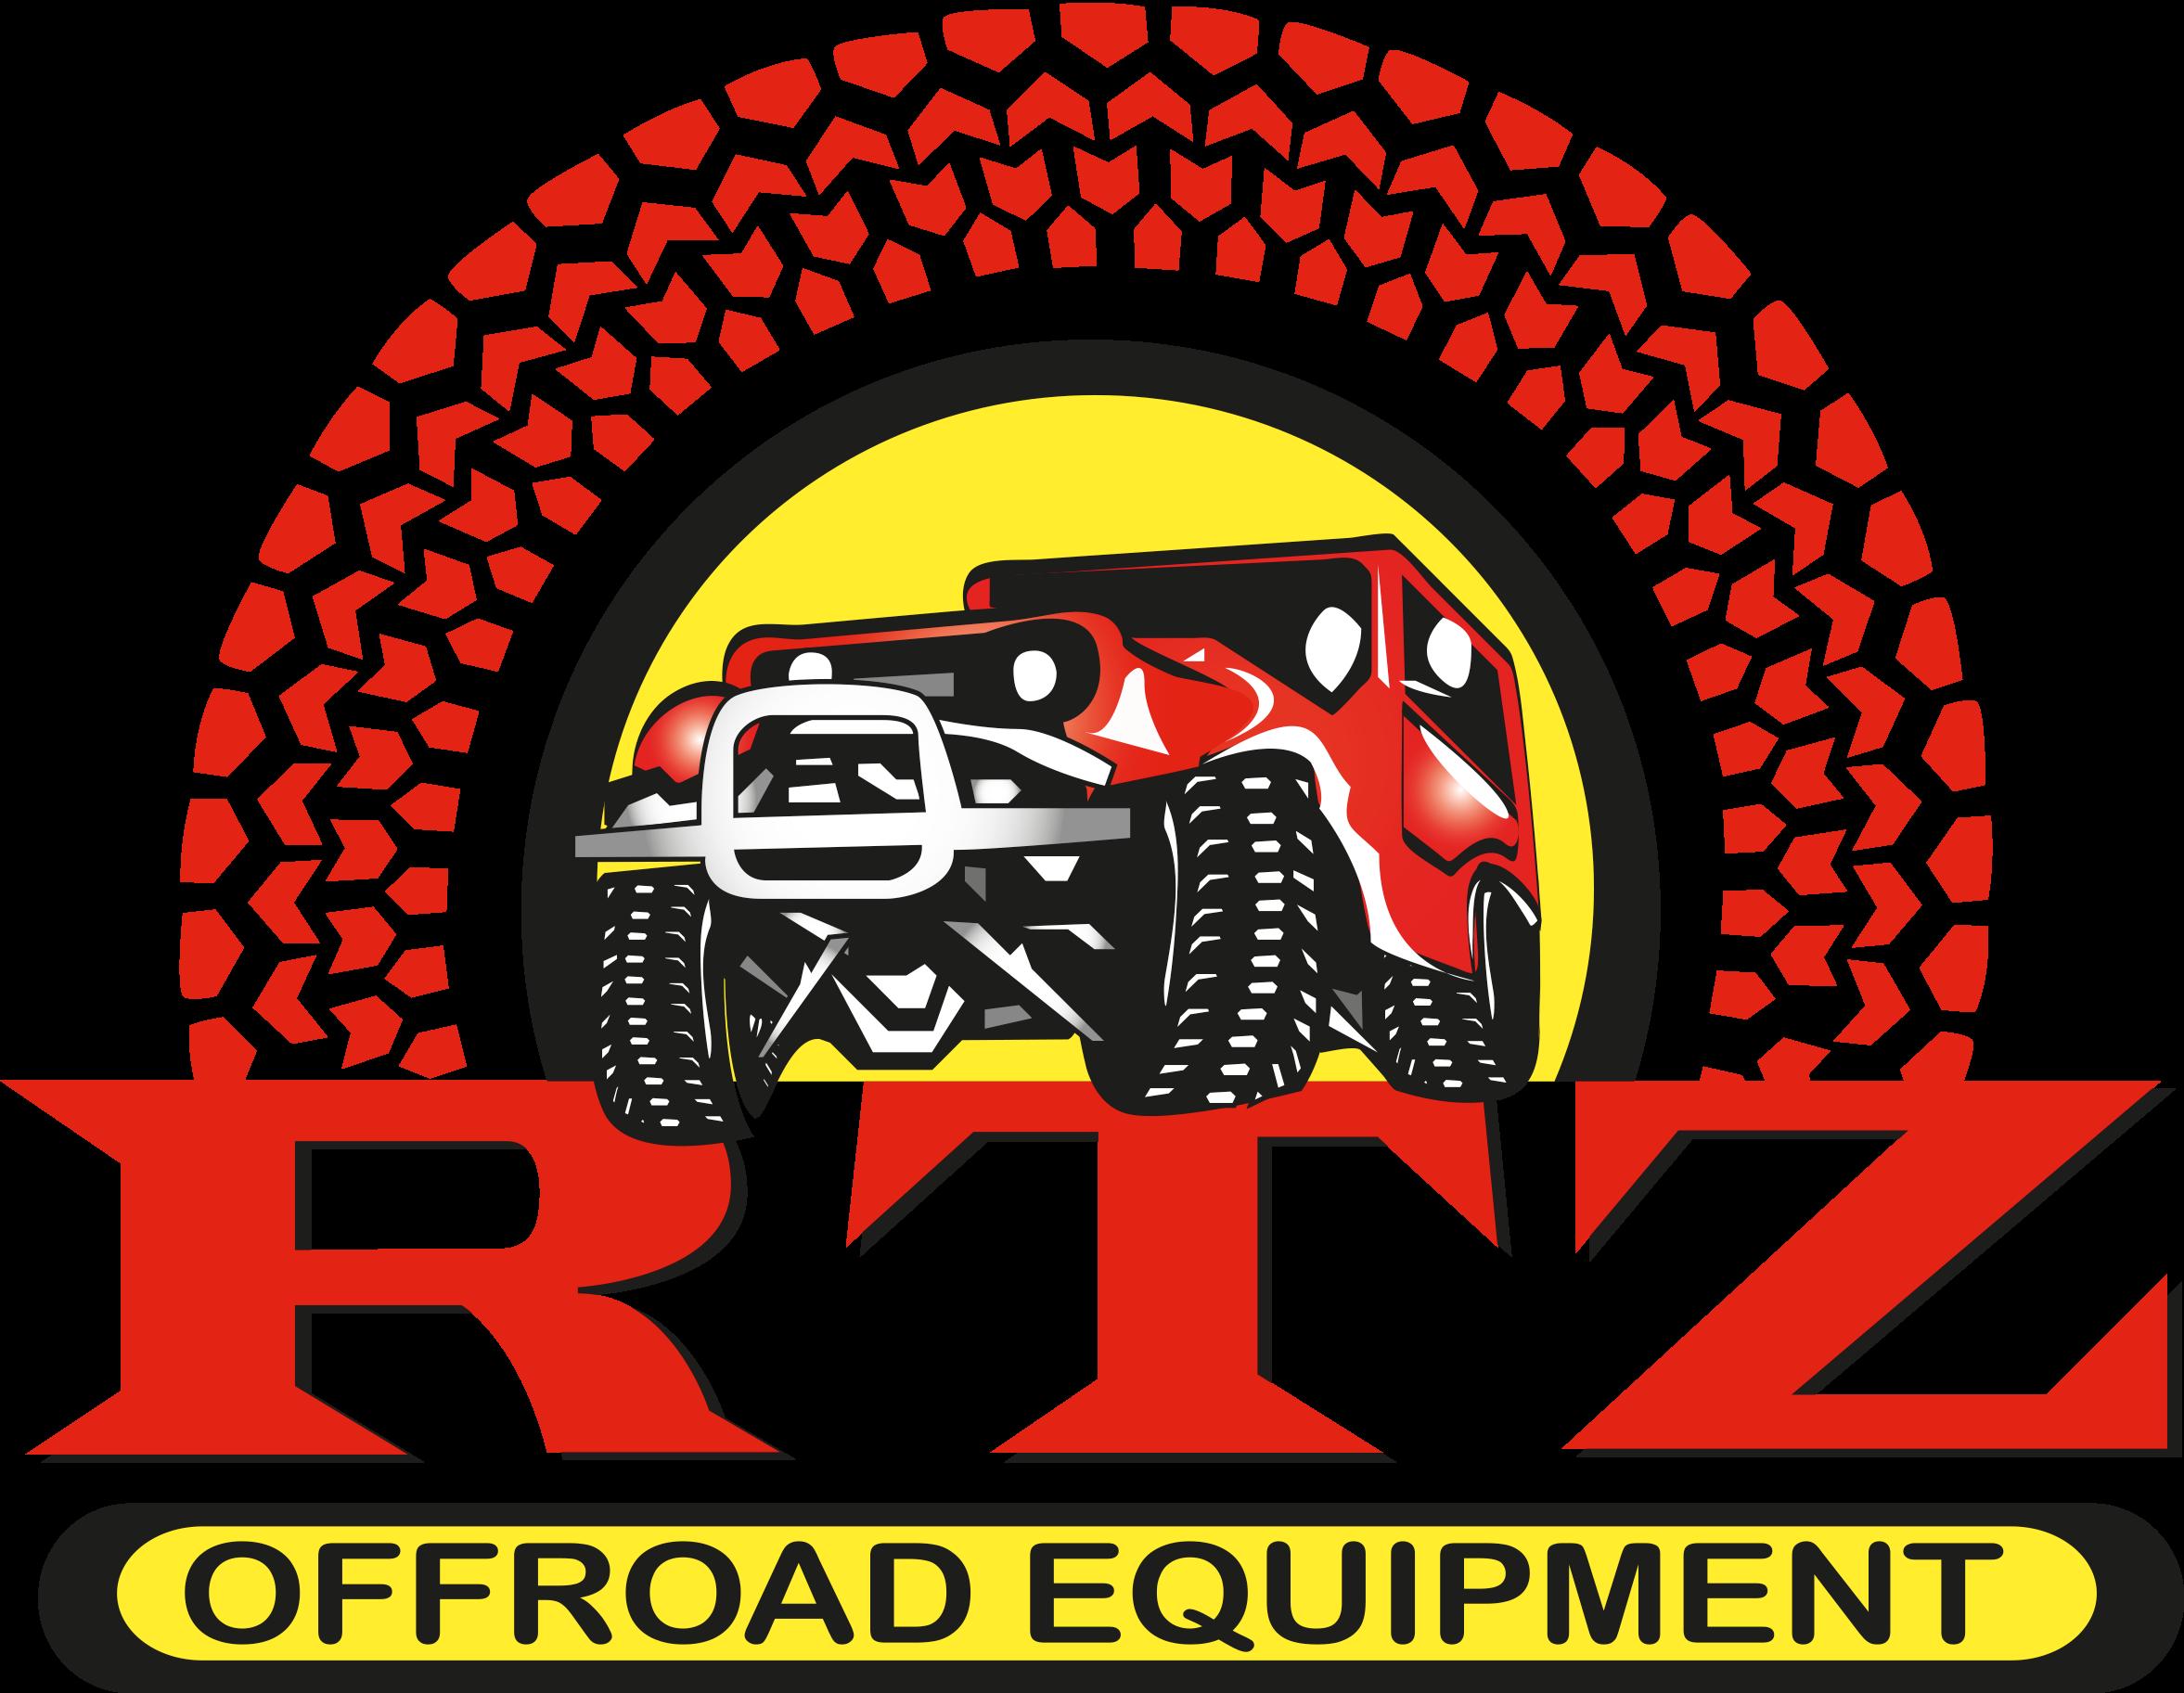 rtzoffroad